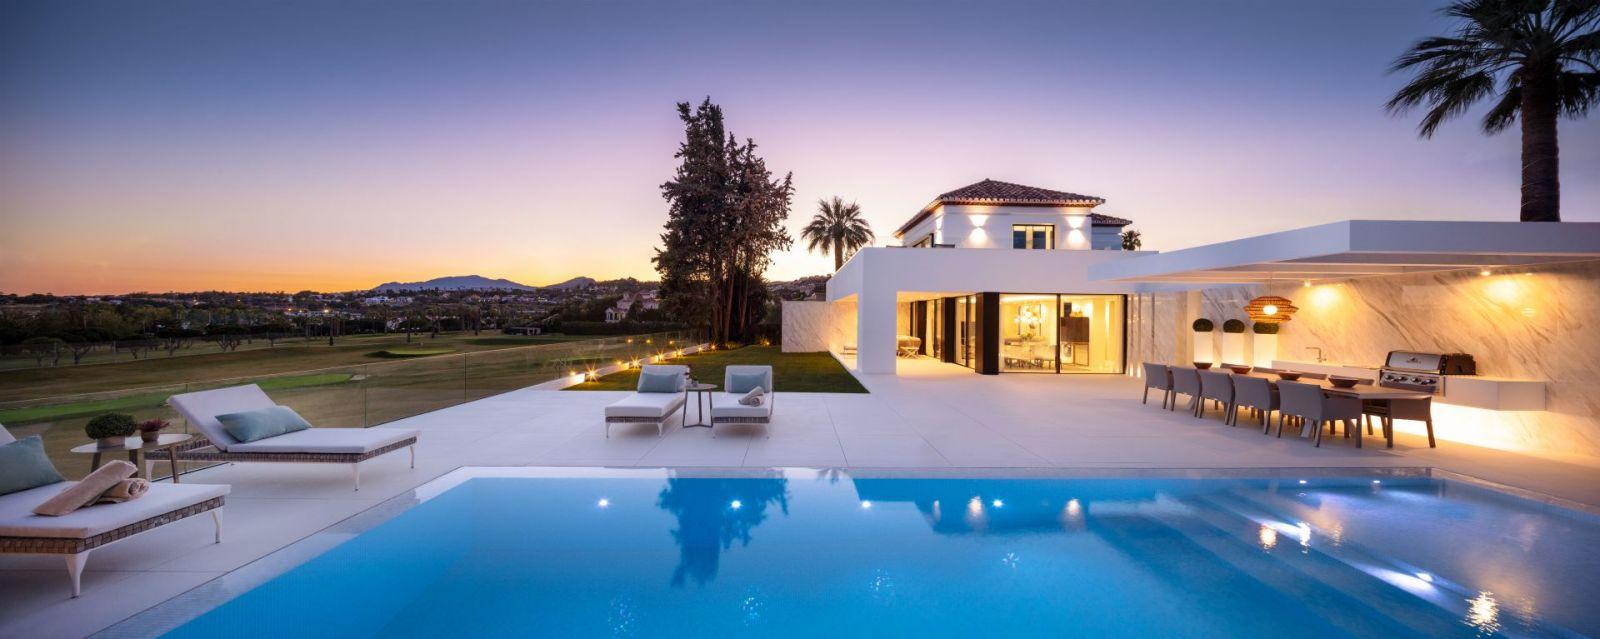 New Villas For Sale In Nueva Andalucia